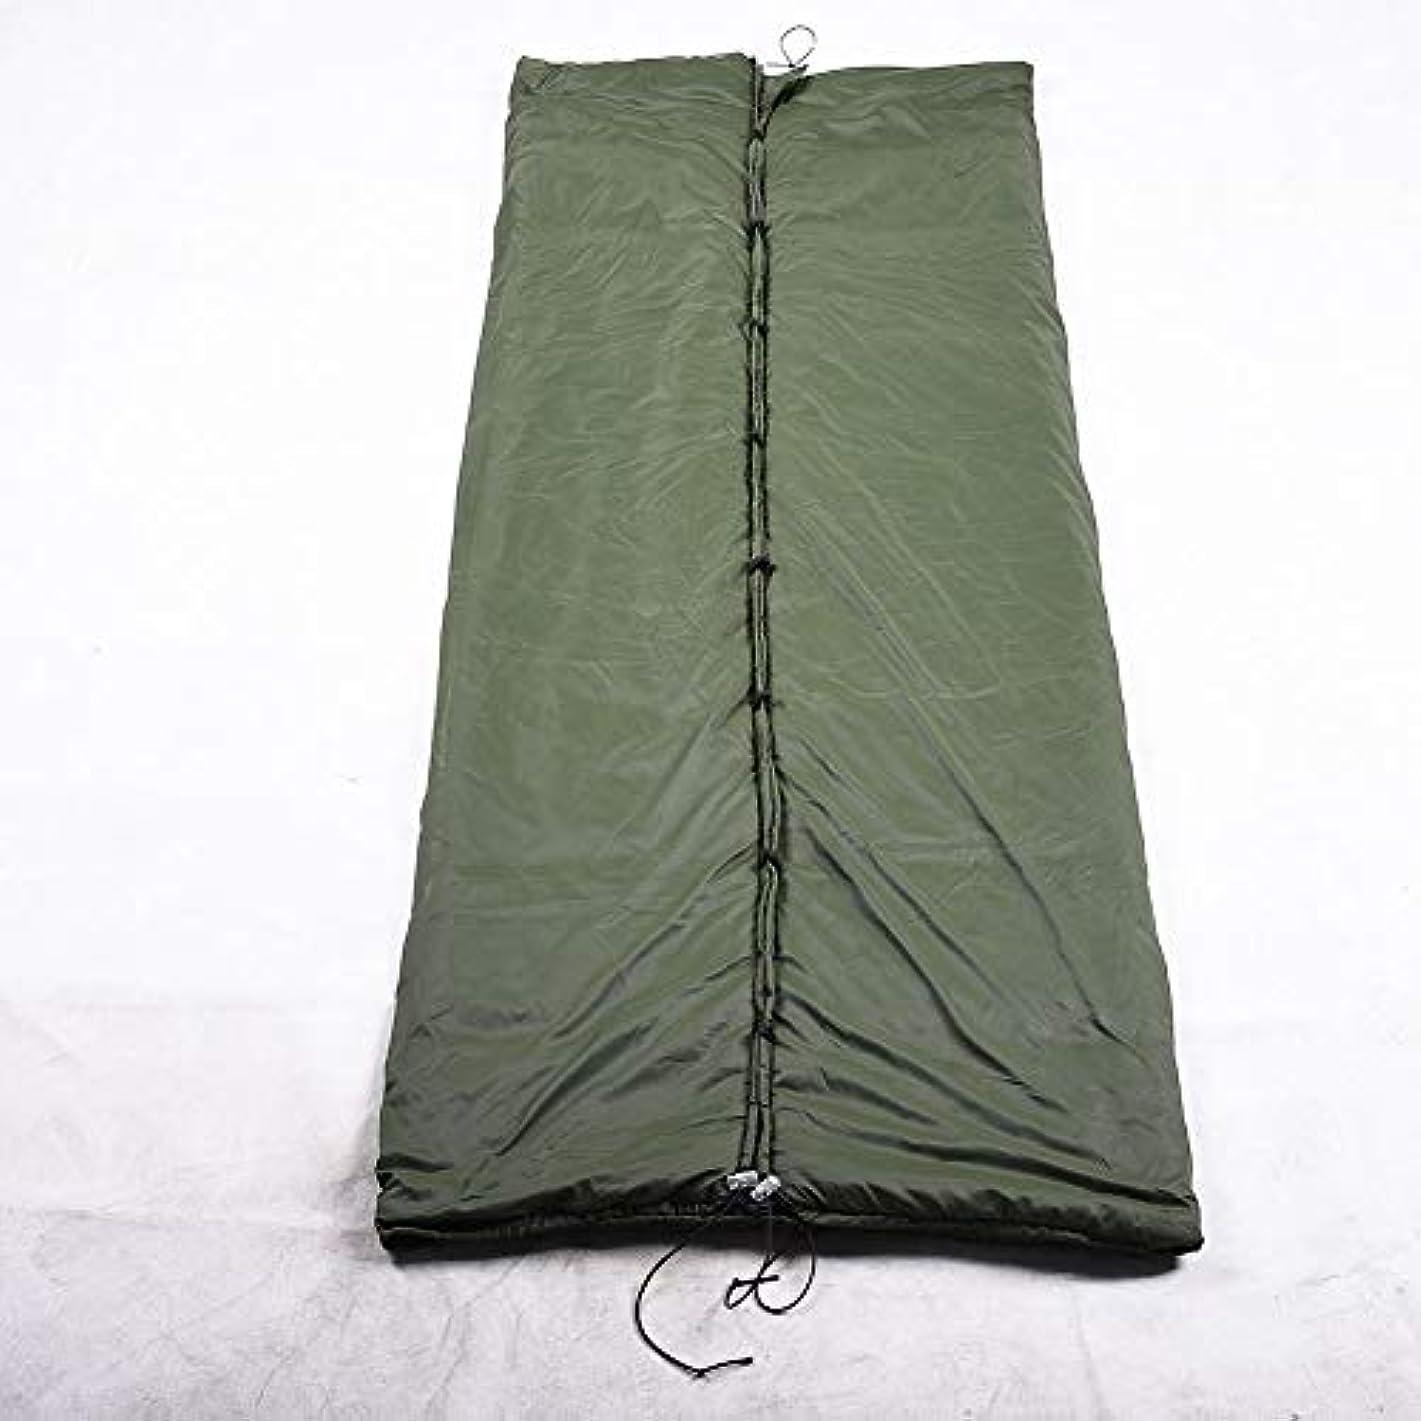 200 * 75センチキャンプ暖かいハンモック中空コットン屋外ポータブルブランケット軽量断熱カバージッパー寝袋ソフト